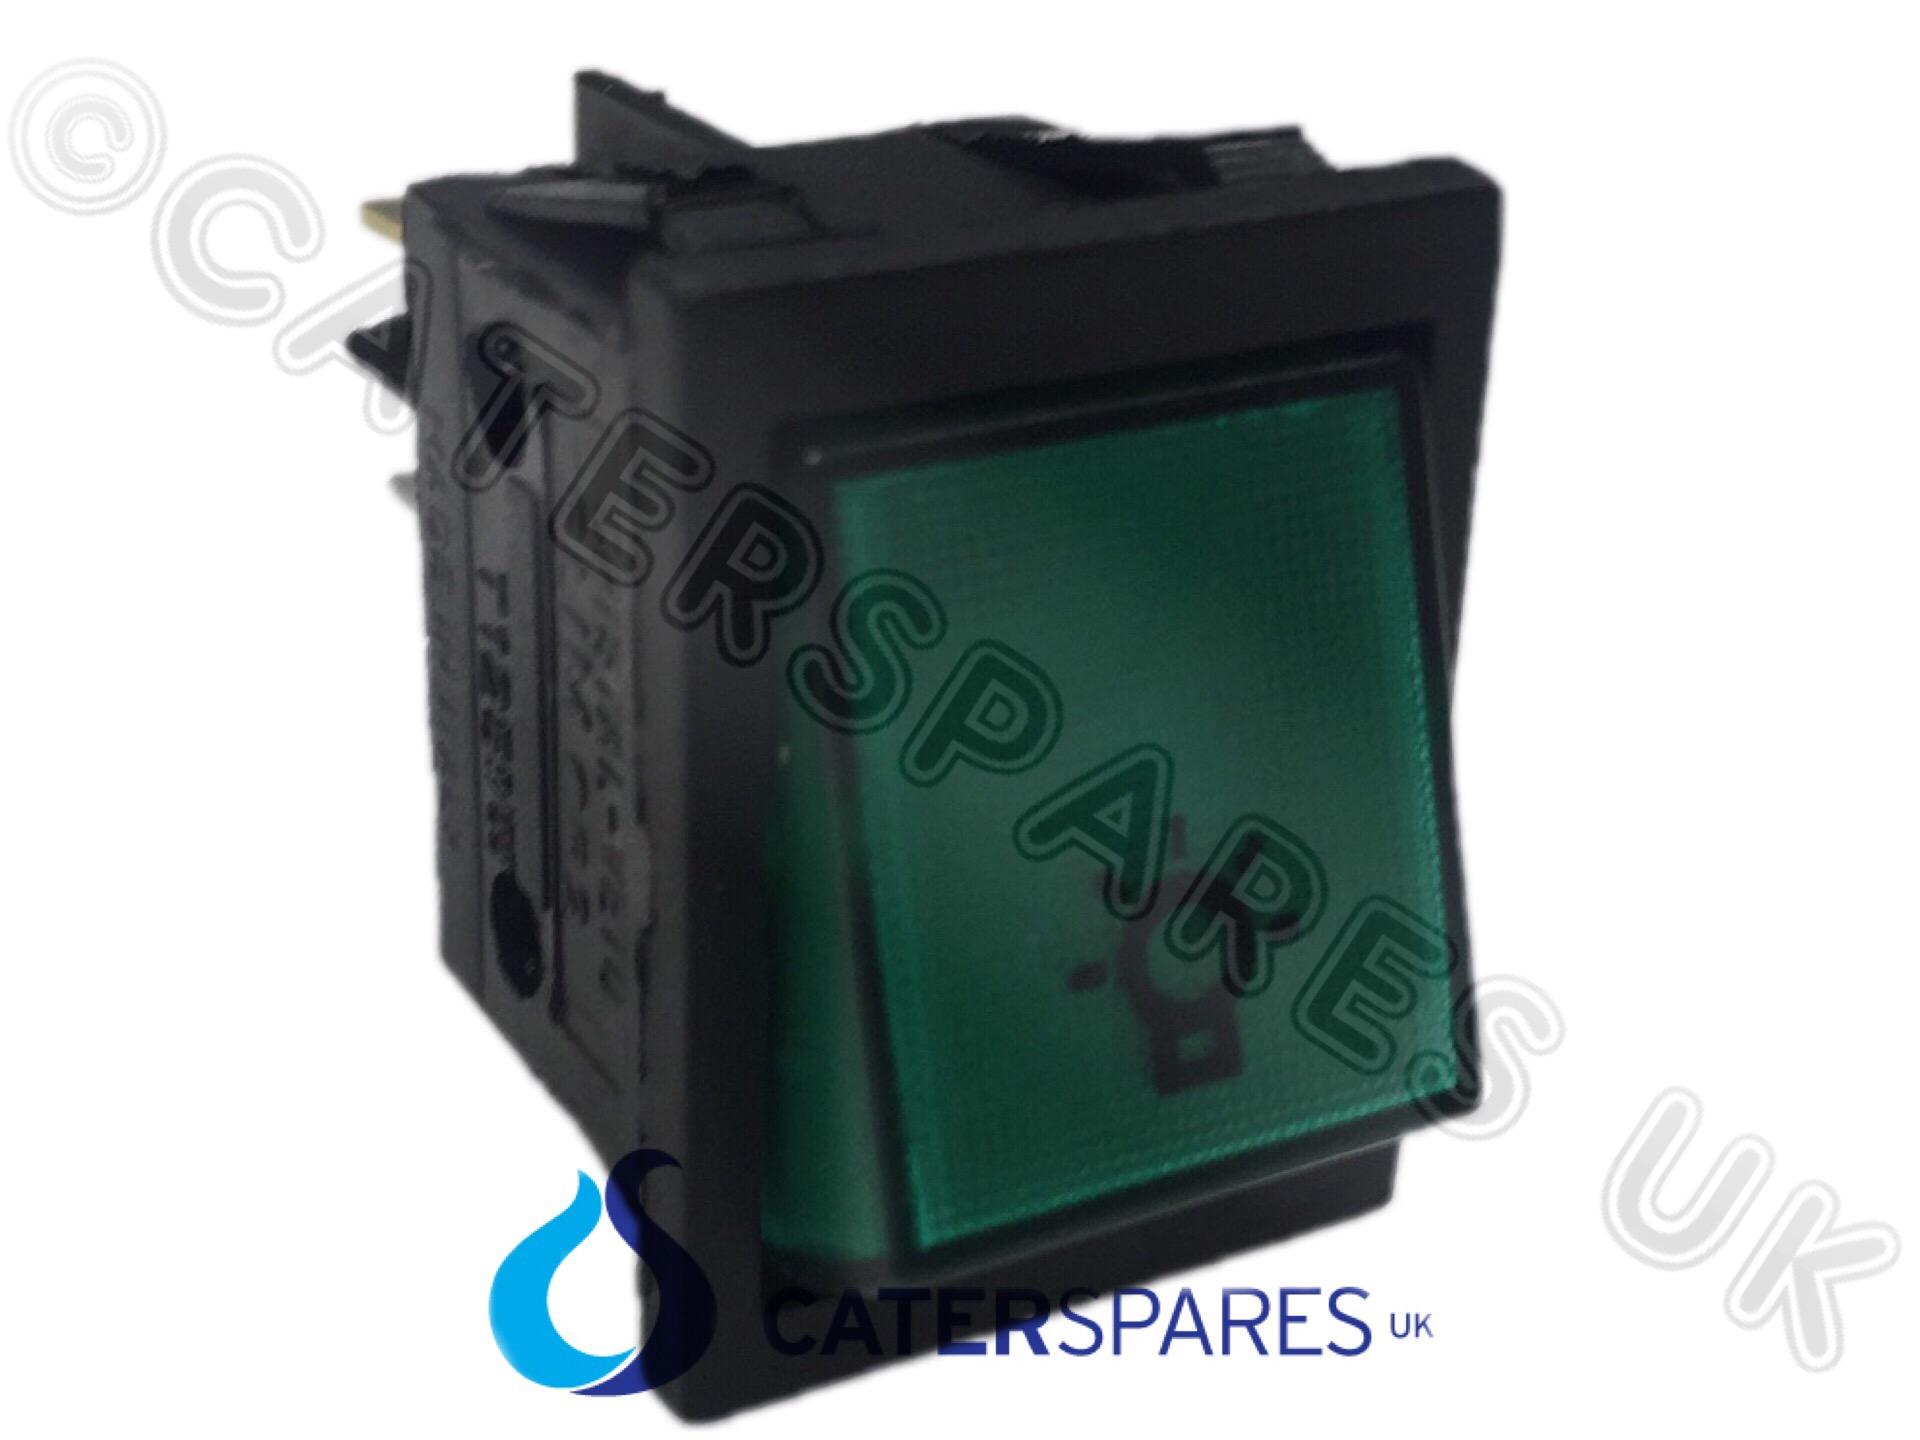 Sw70 lincat green illuminated rocker light switch on off lamp icon sw70 lincat green illuminated rocker light switch on off lamp icon symbol biocorpaavc